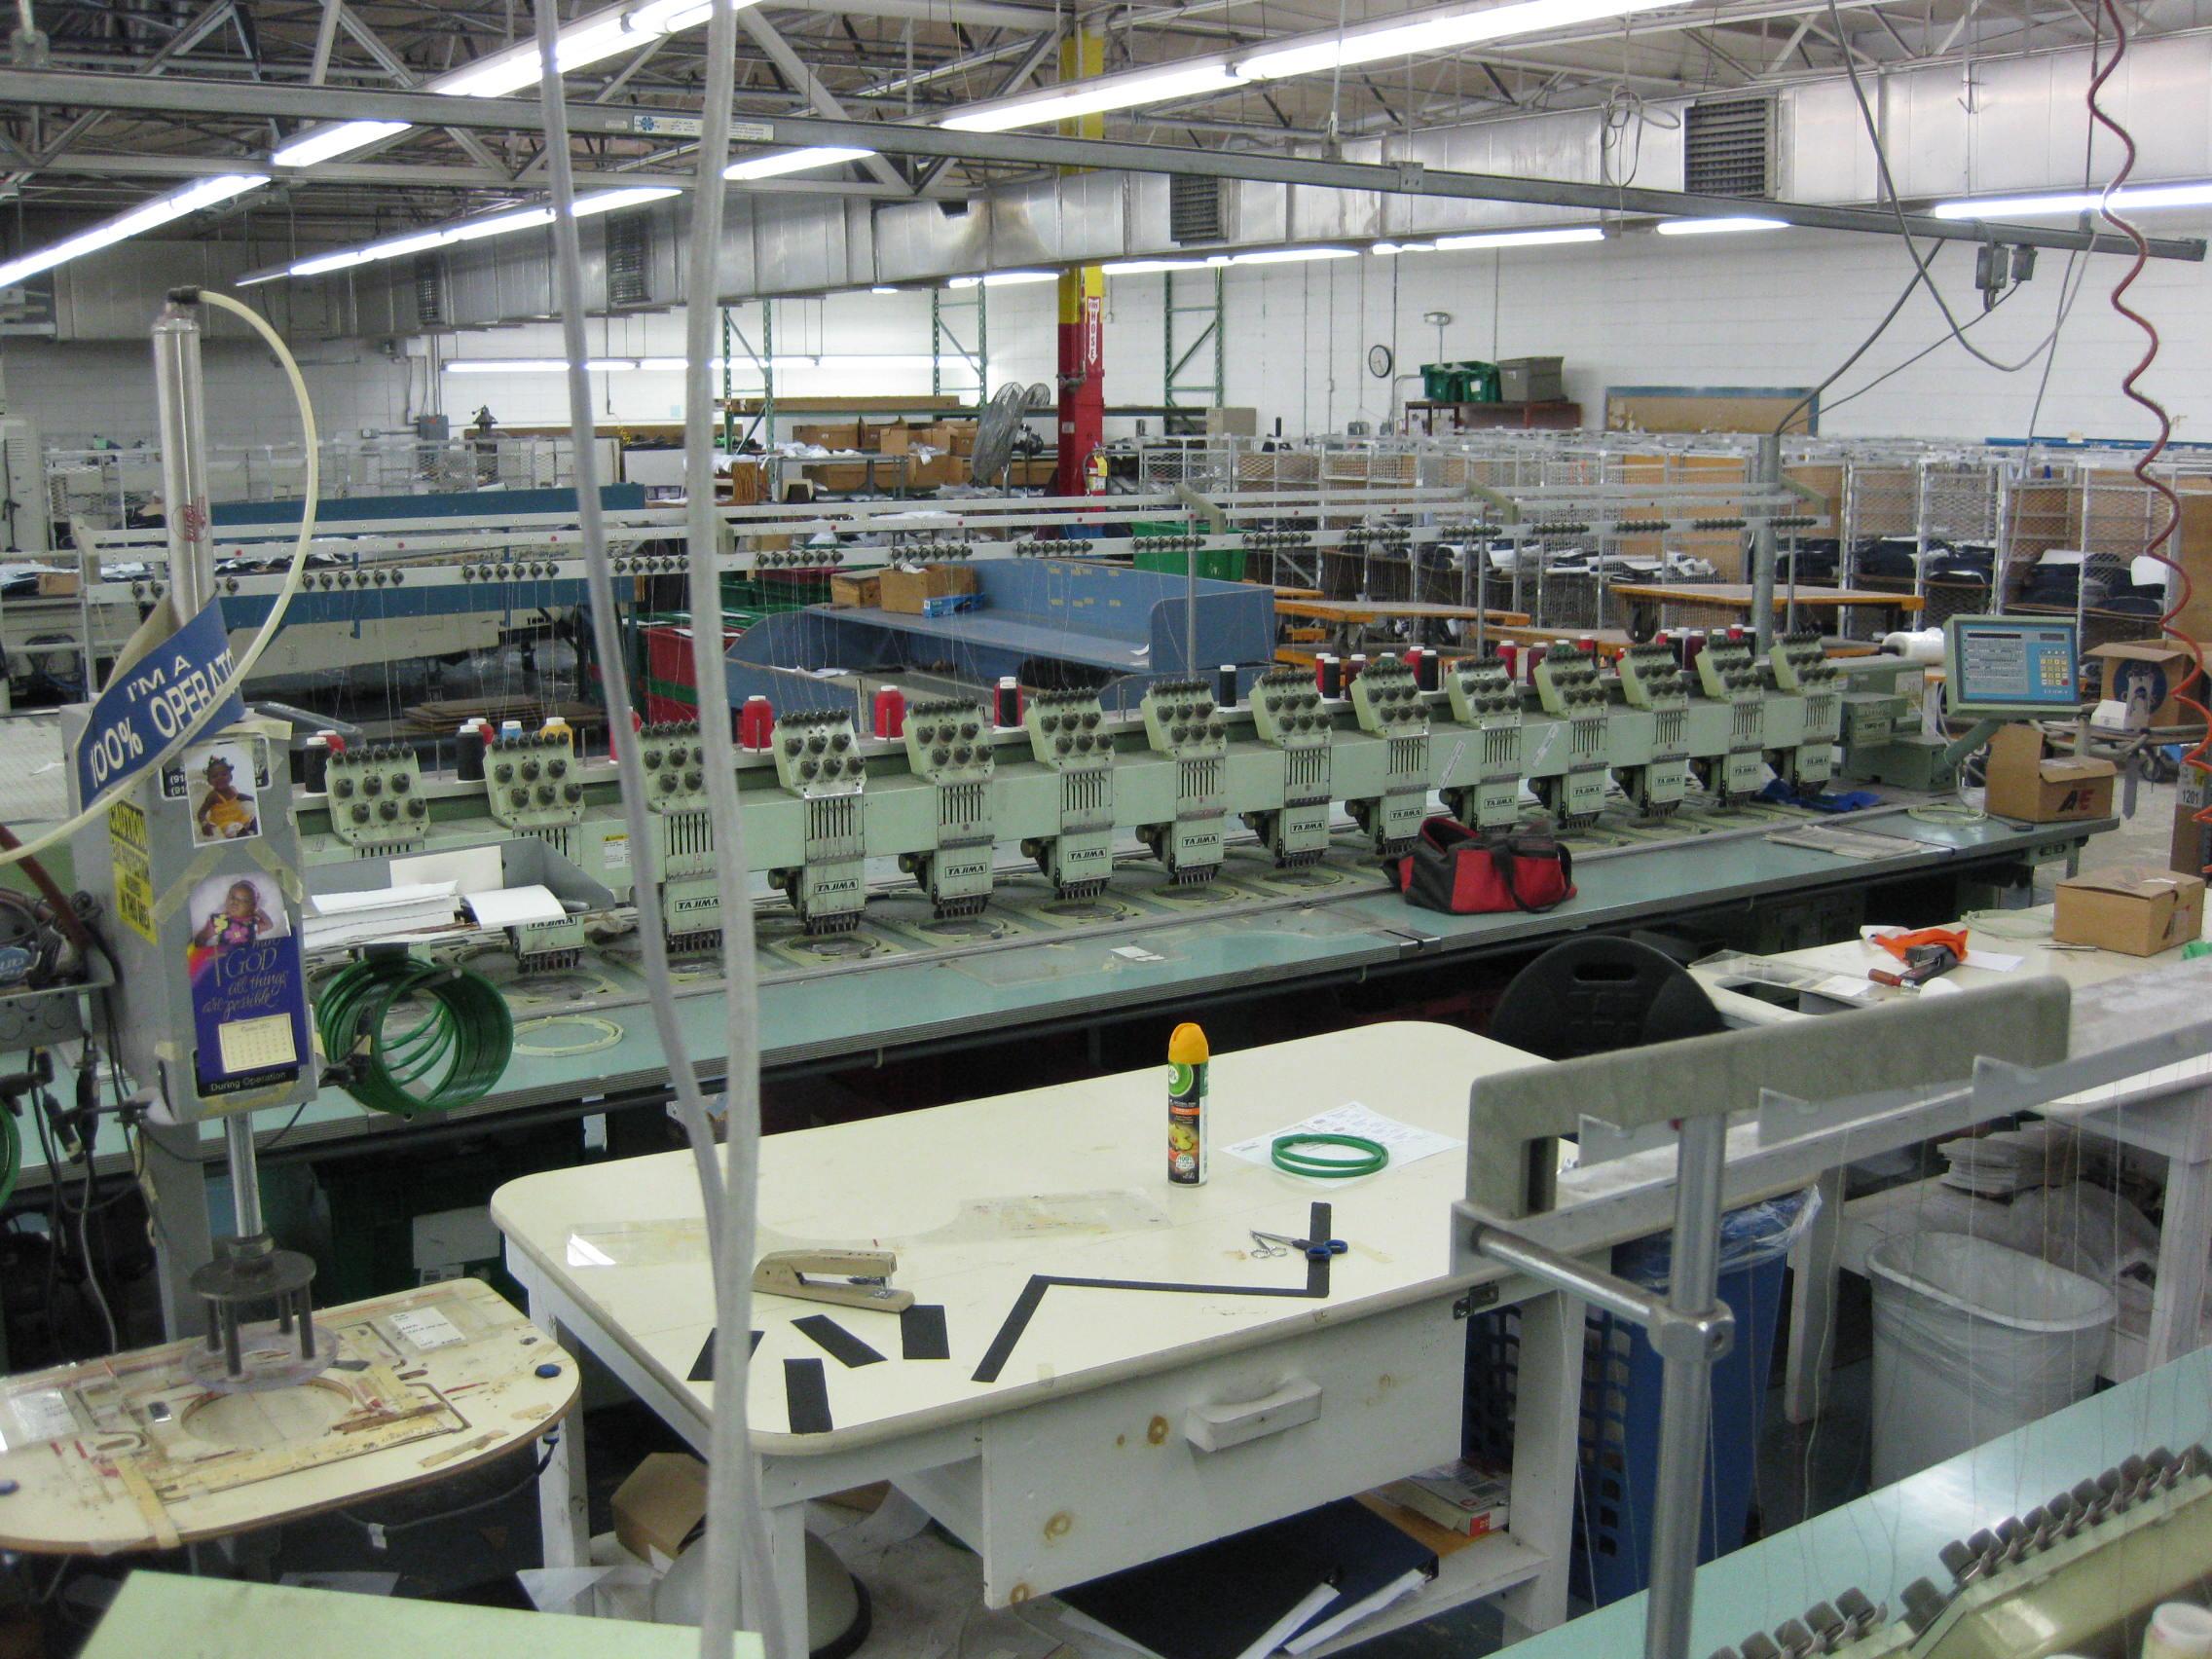 clarks machine shop burlingame